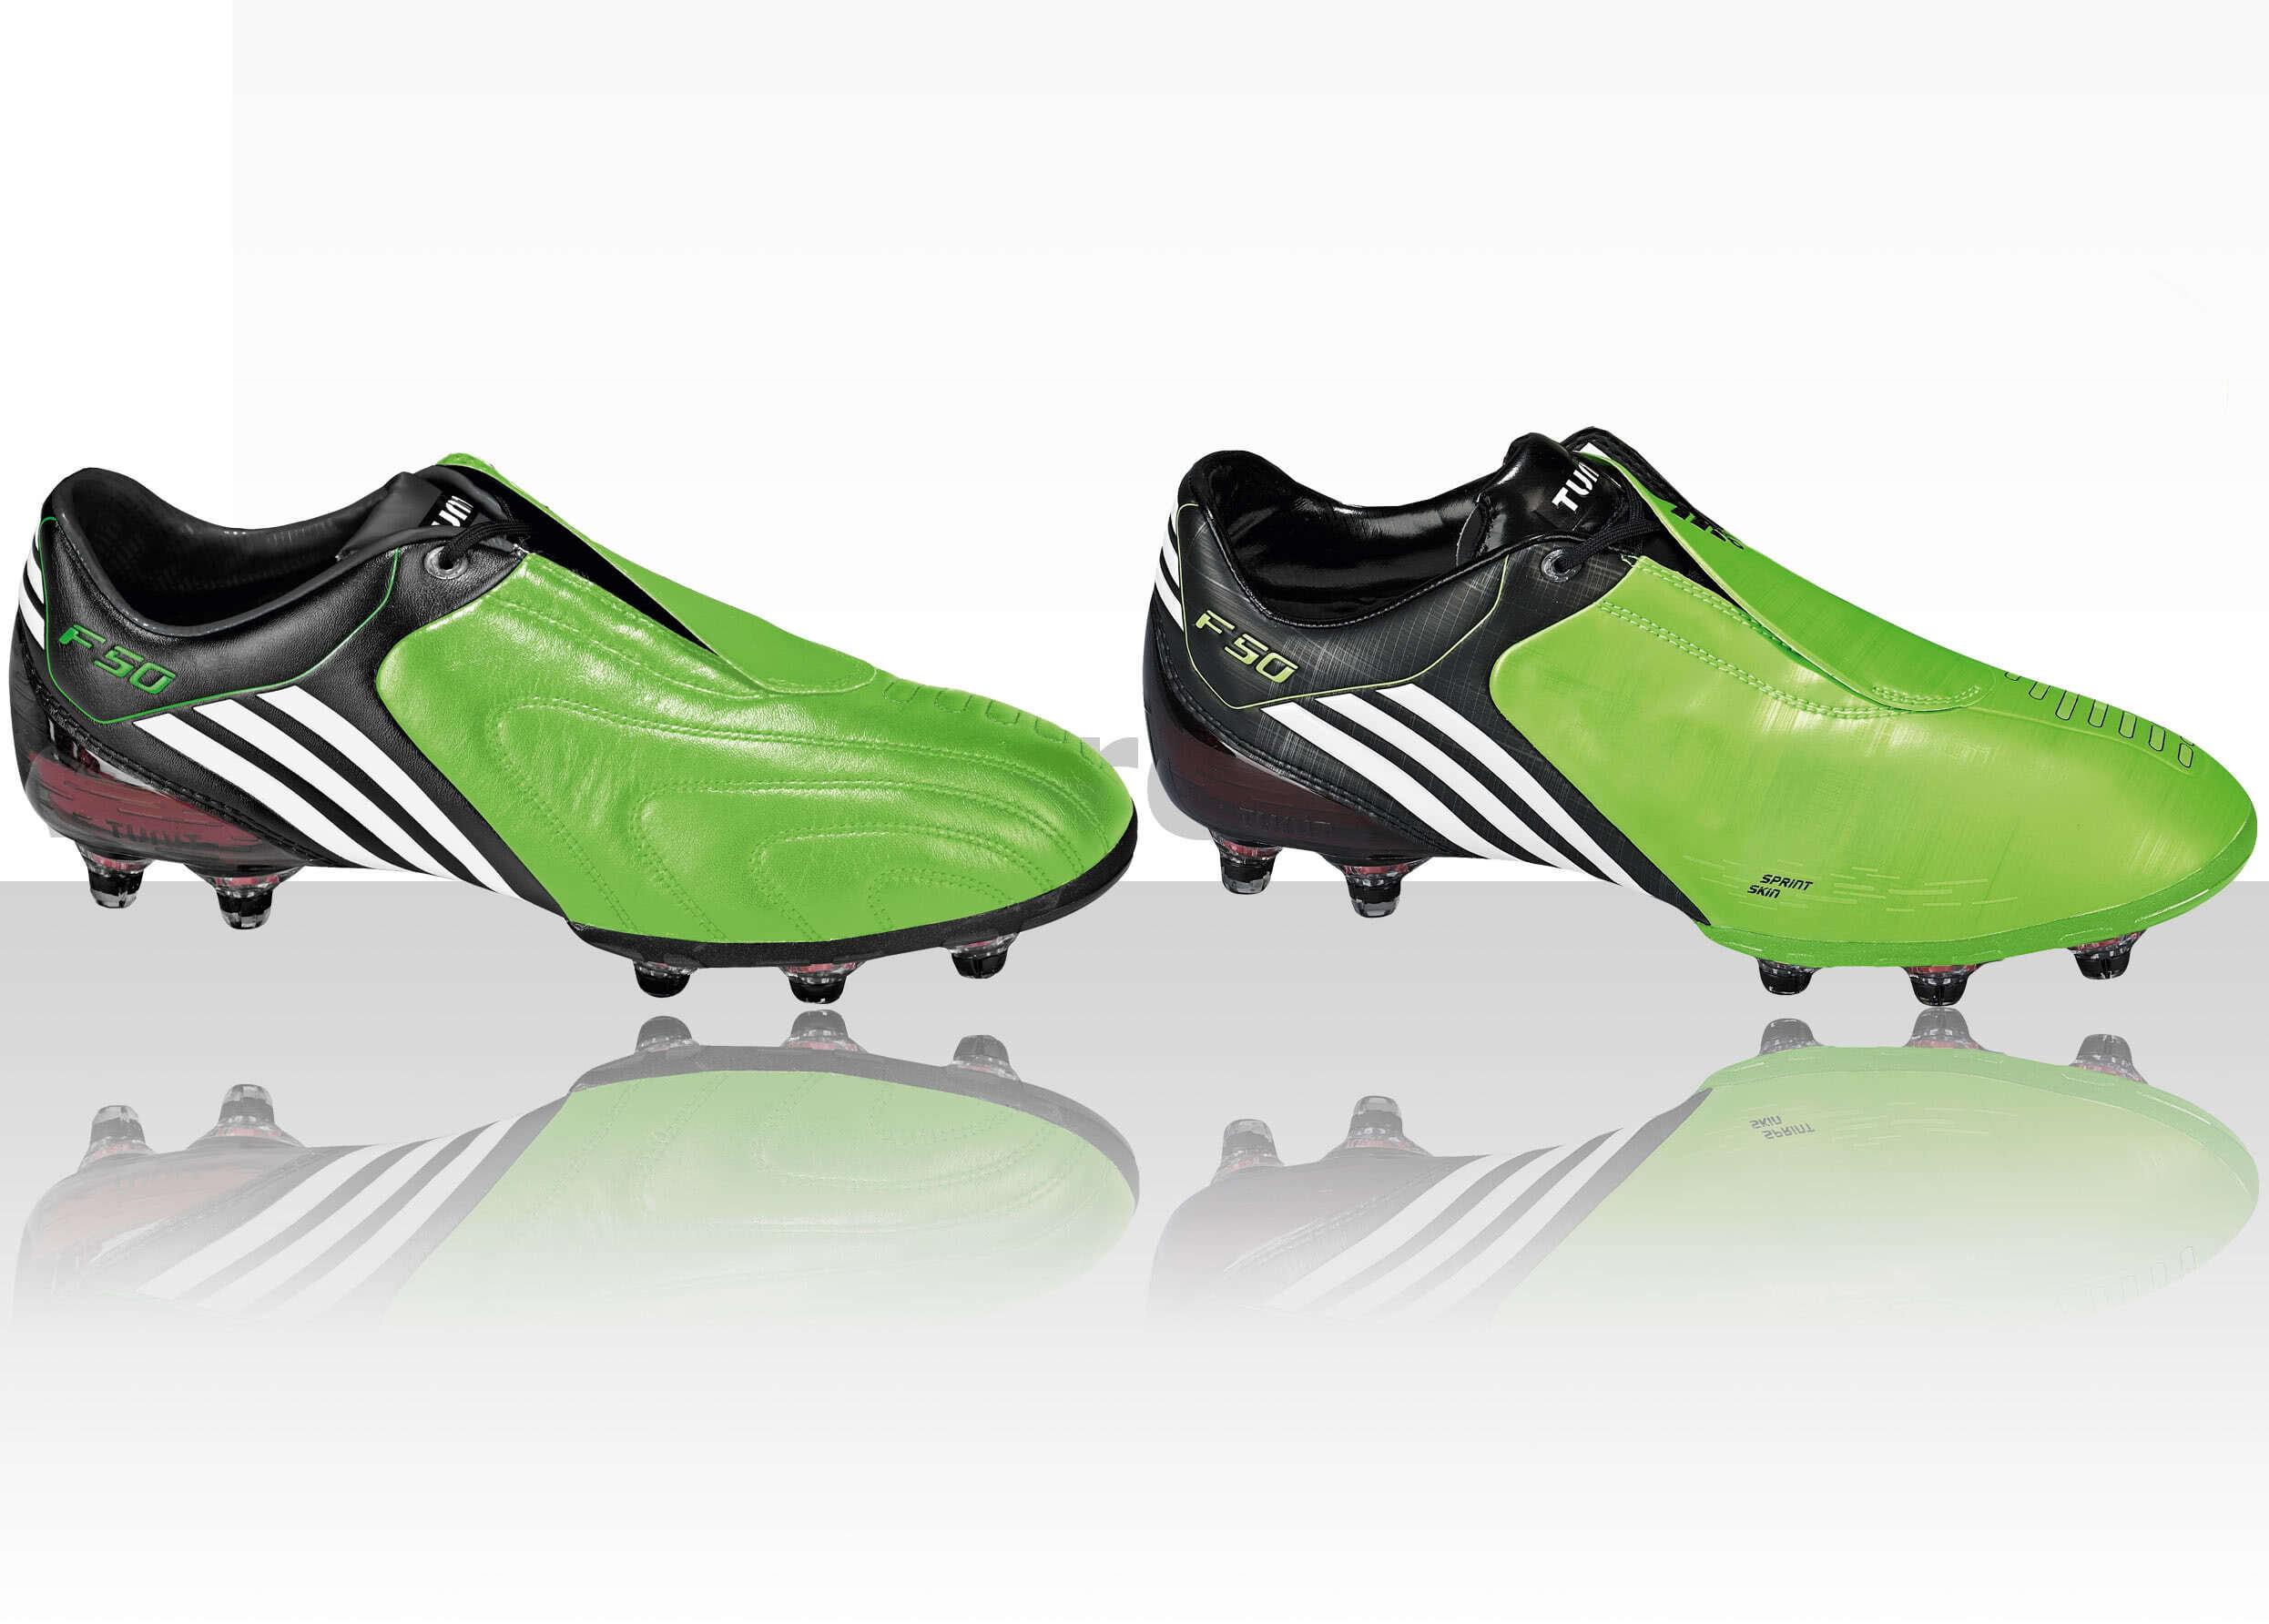 adidas grüne fußballschuhe